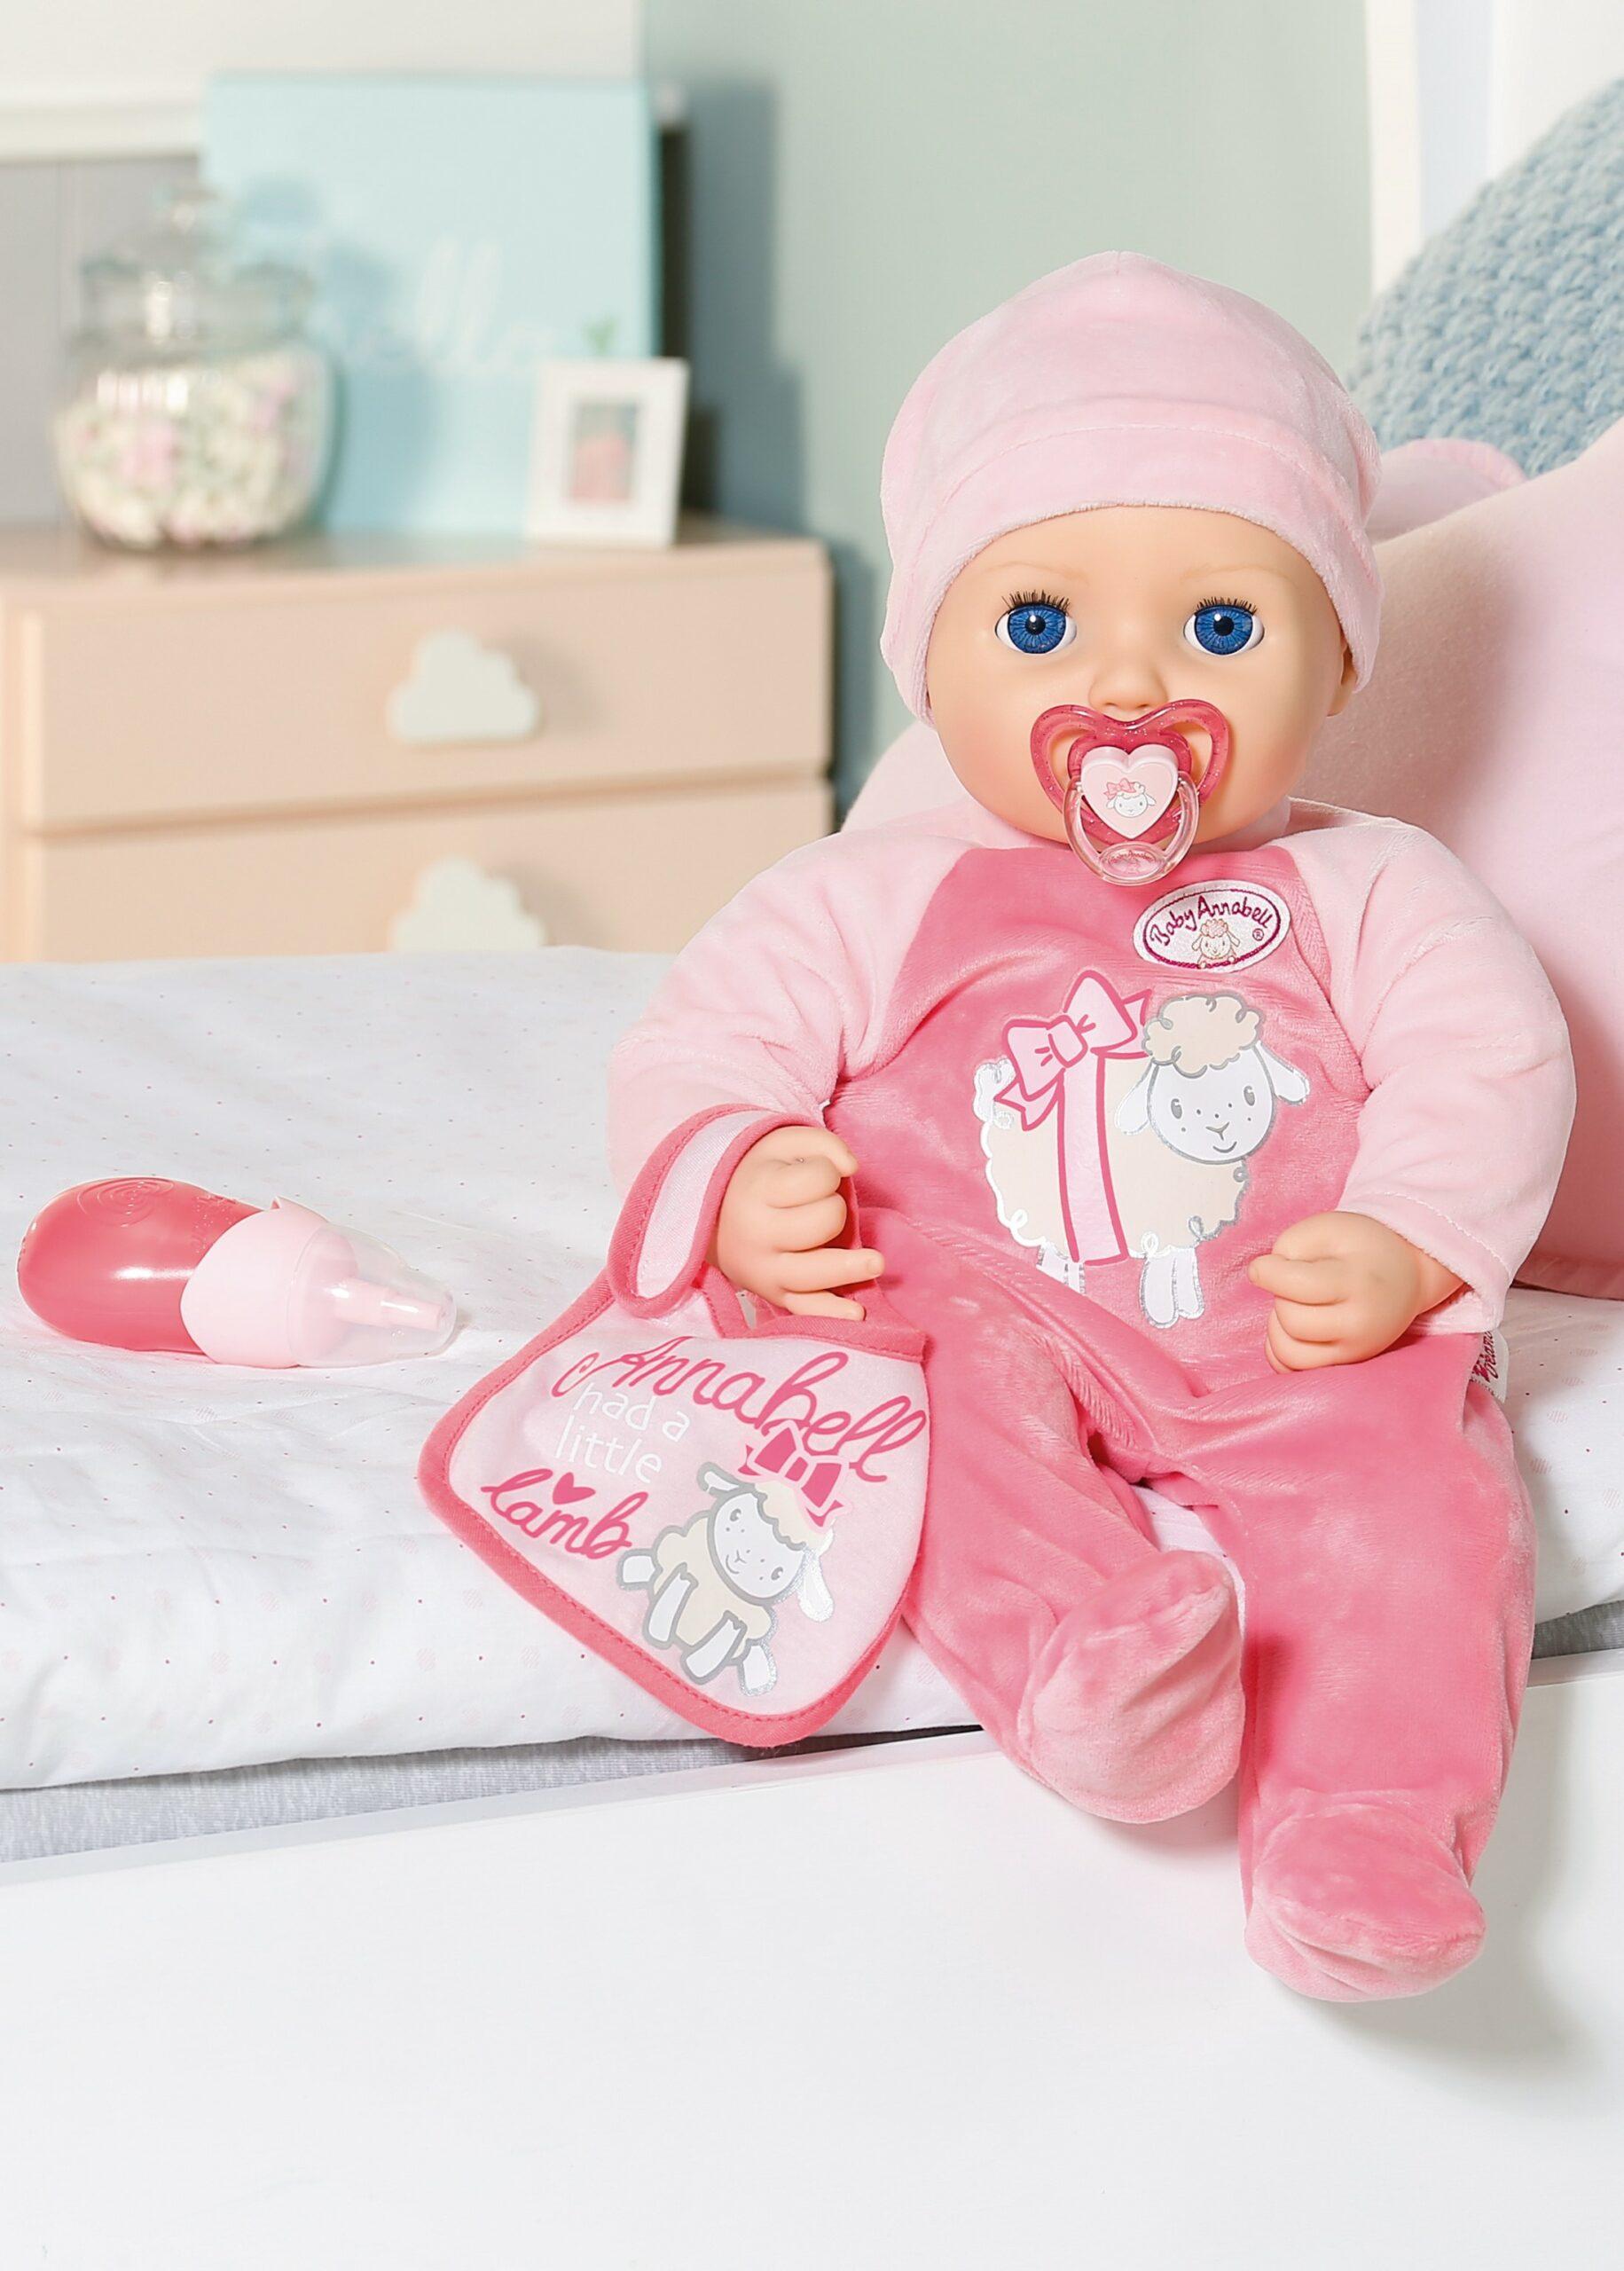 Vyhrajte Baby Anabell - soutěž